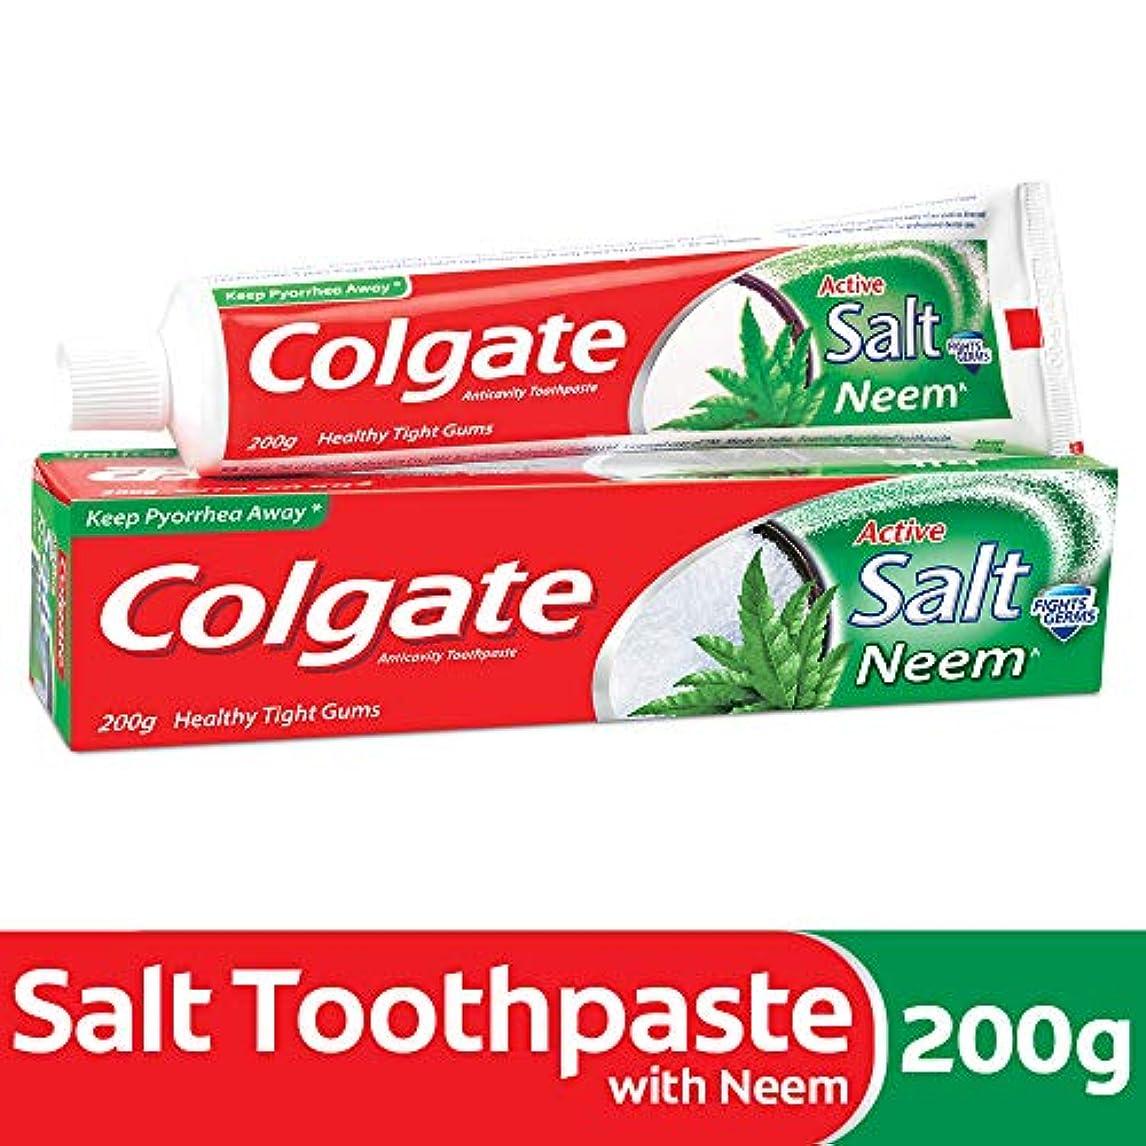 待って花弁信号Colgate Active Salt Neem Anticavity Toothpaste - 200g